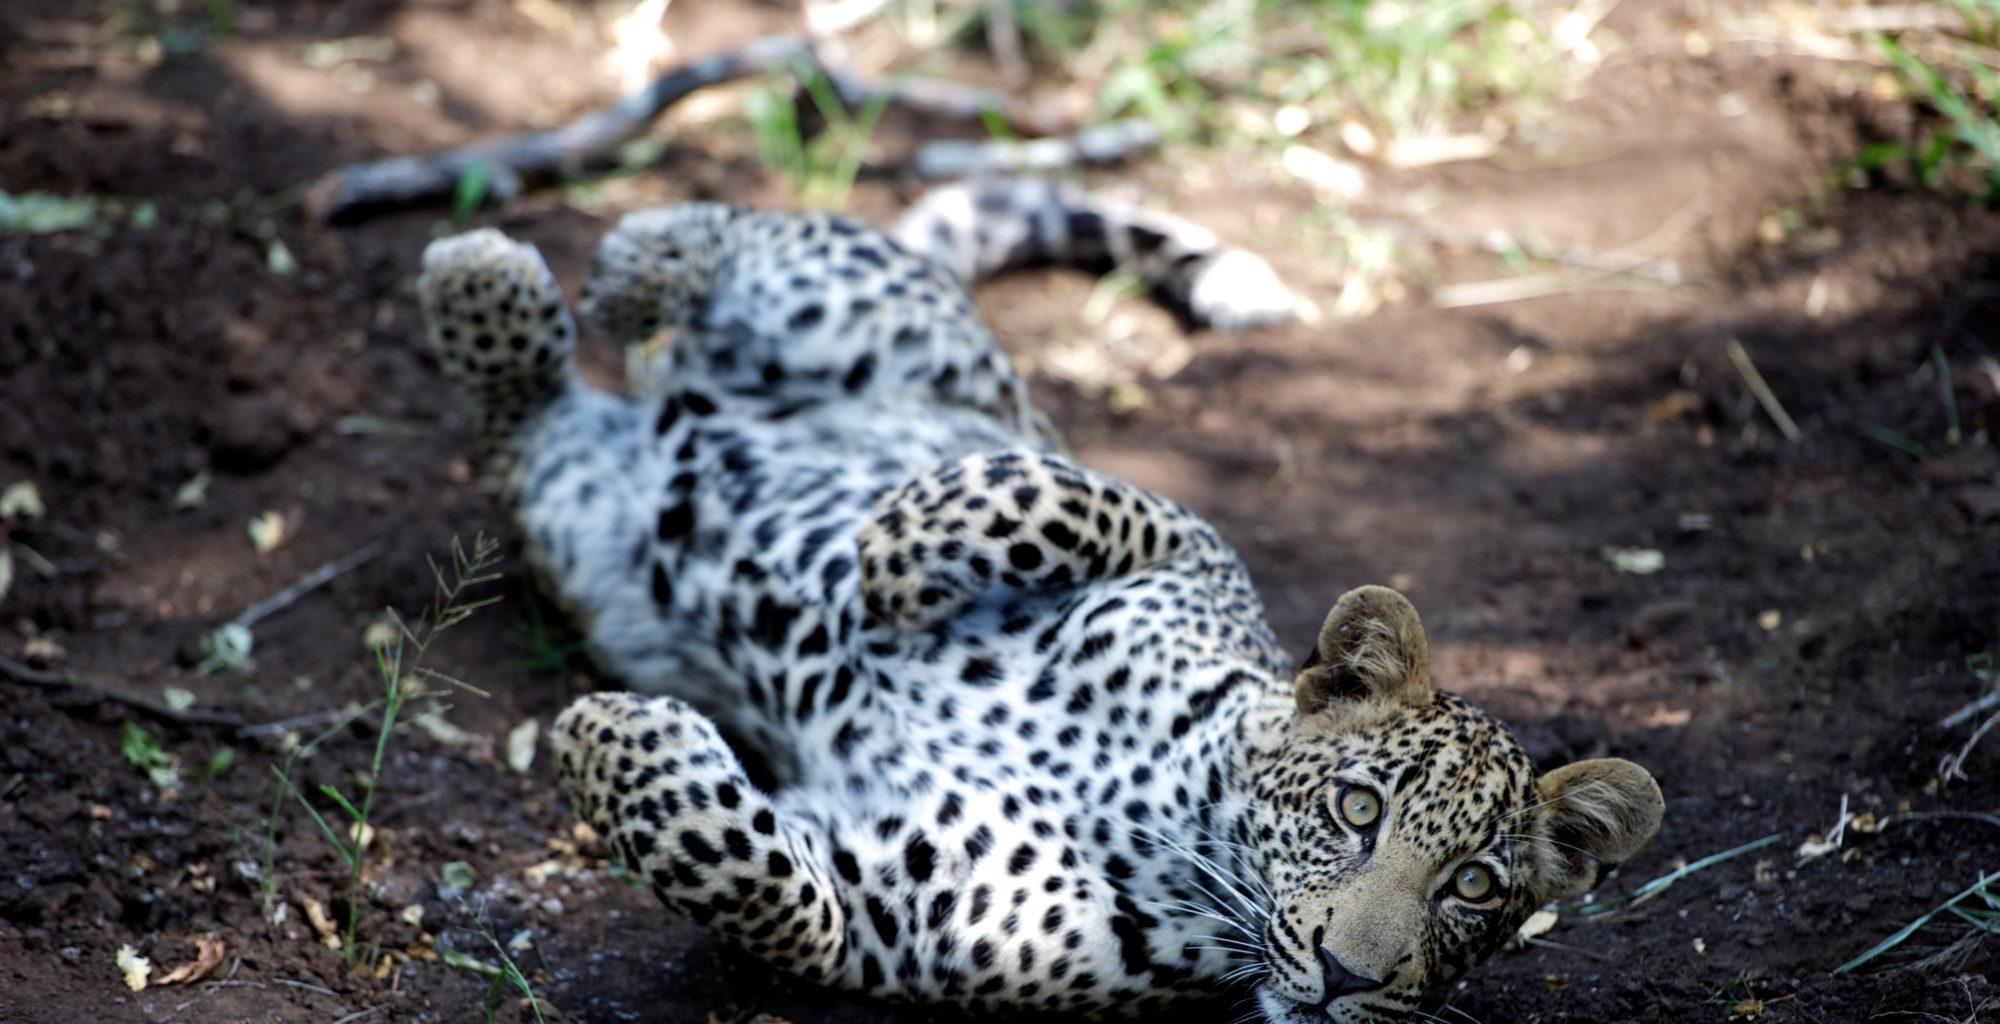 Singita National Park widlife